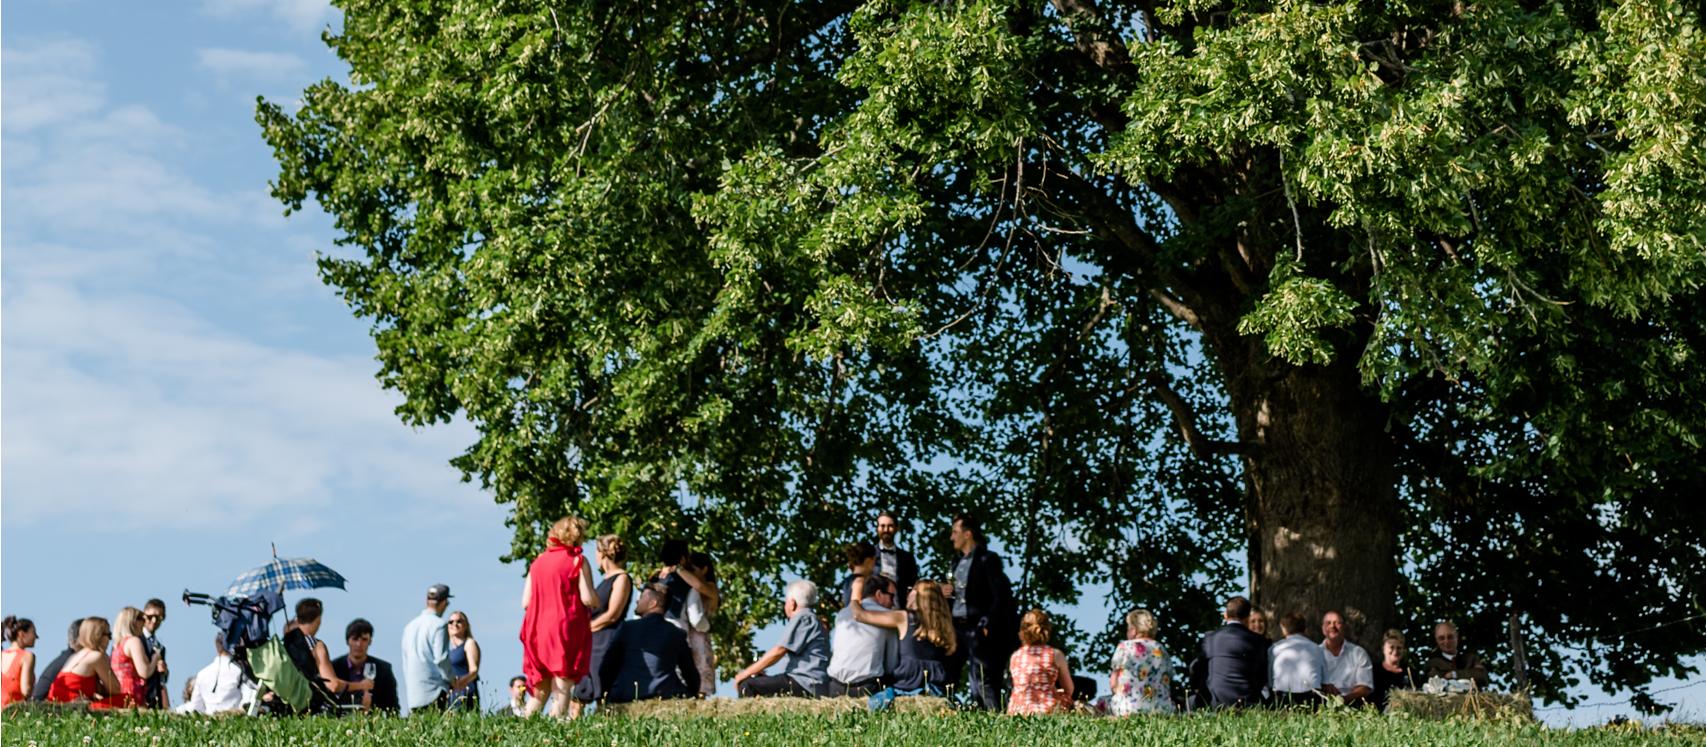 freistil. Feiern & Veranstaltungen. Hochzeitsbegrüßung auf der Wittelsbacher Höhe